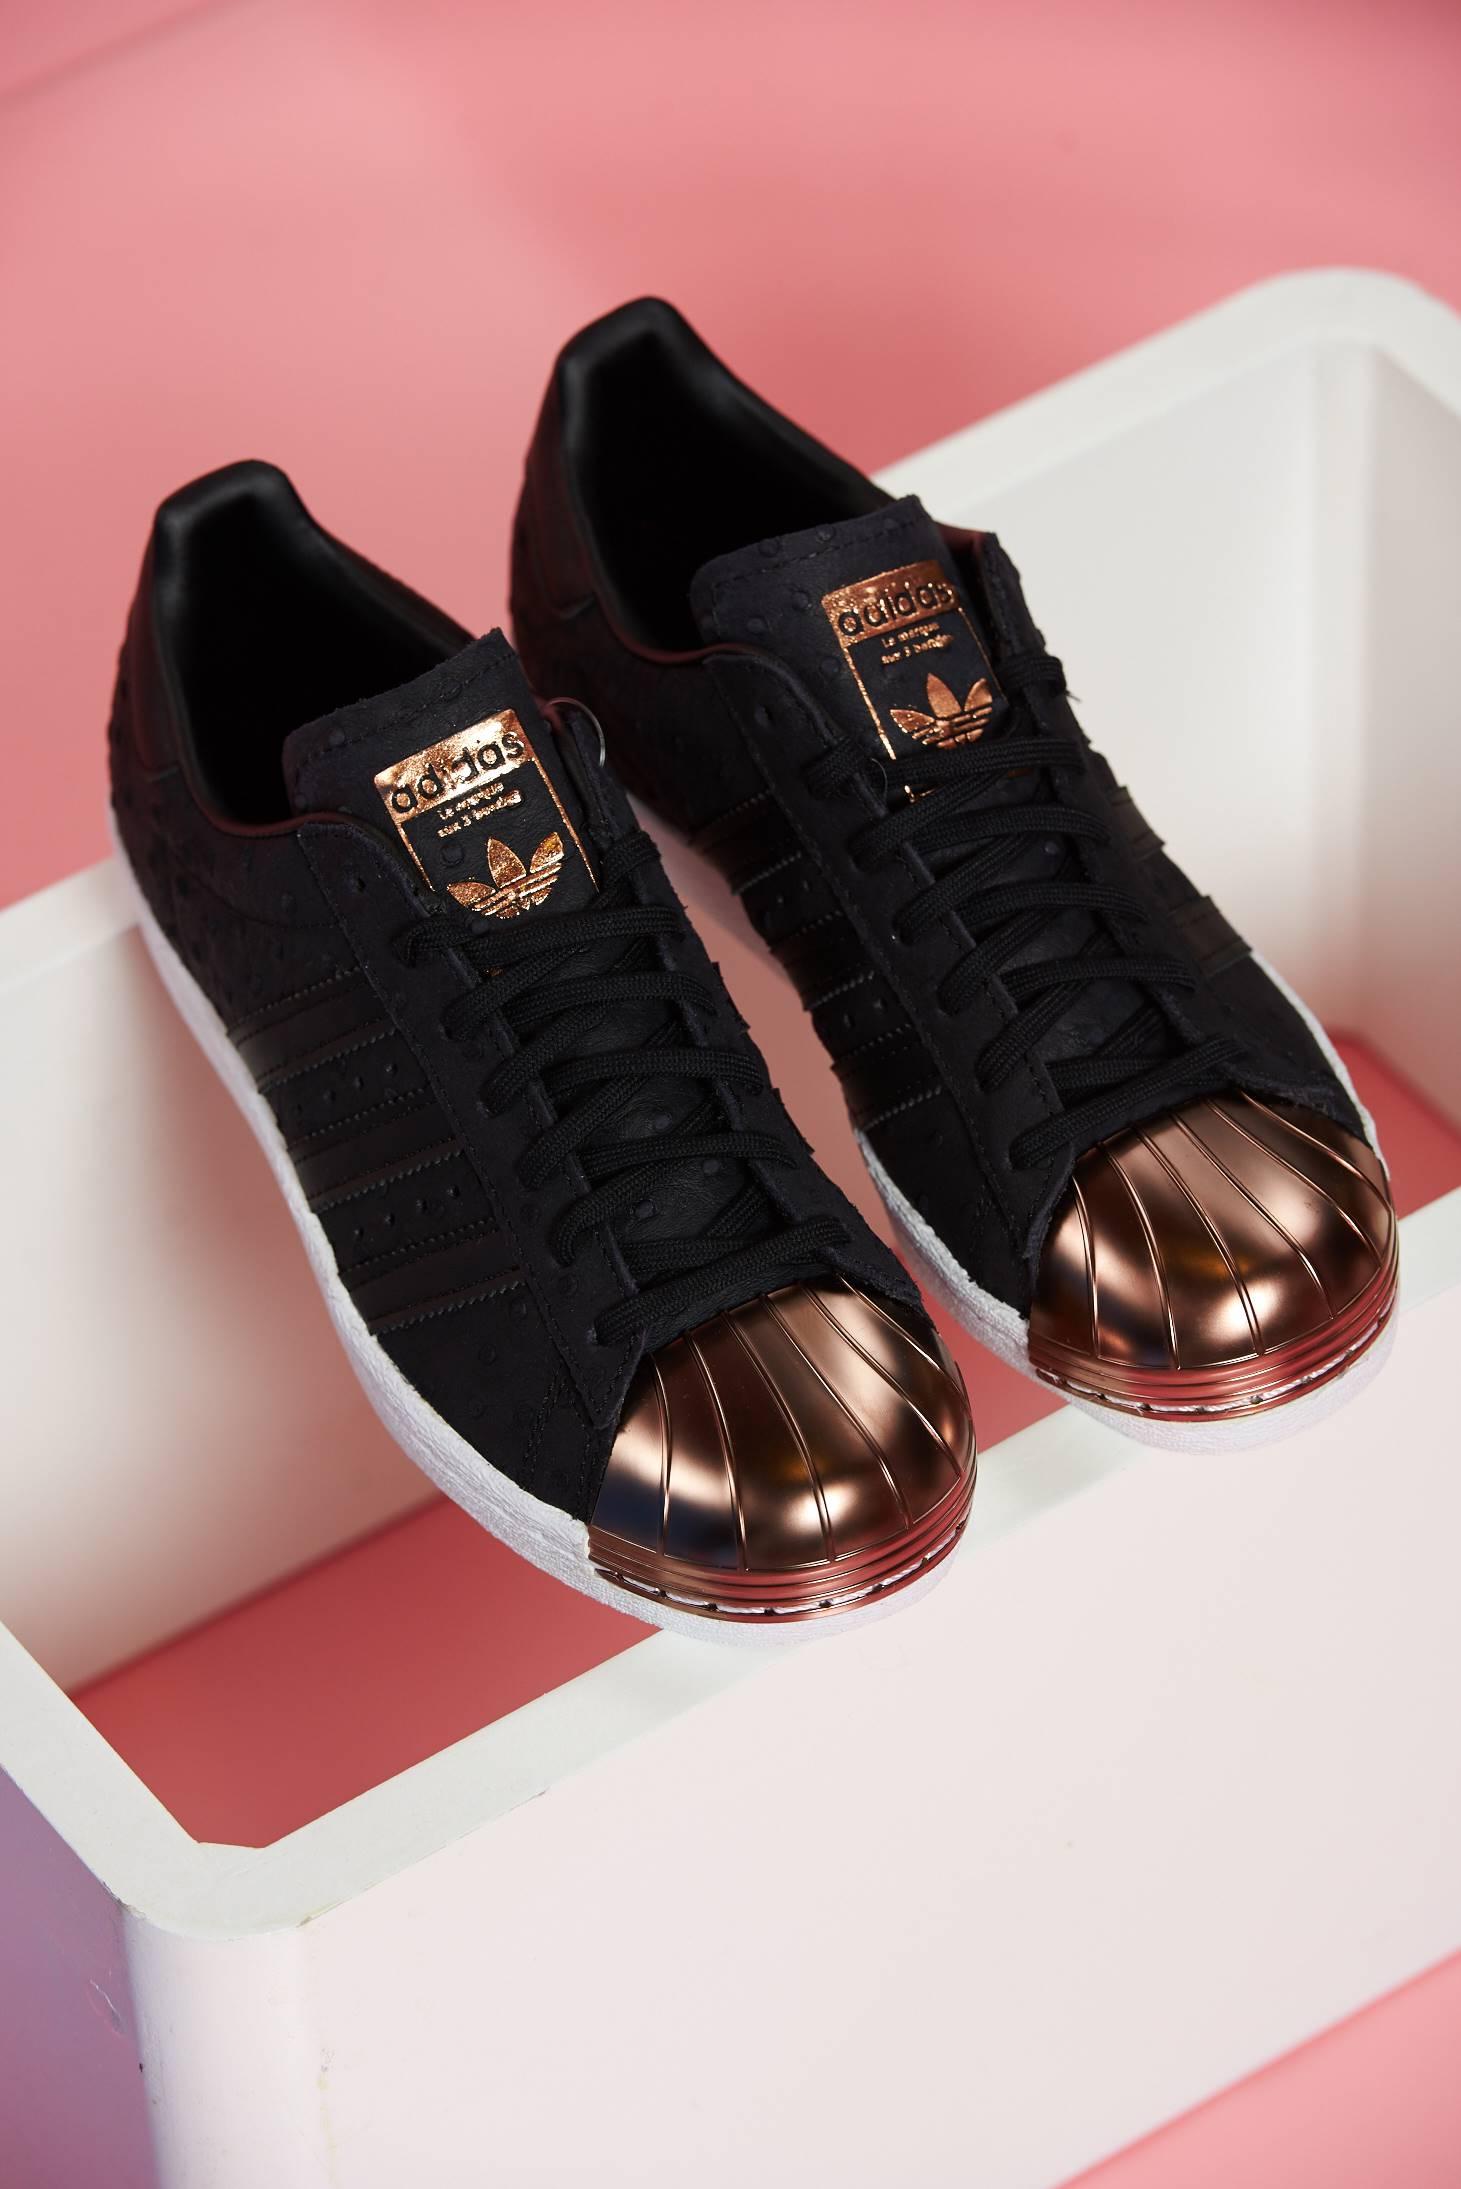 Pantofi sport Adidas Originals Superstar 80s Metal Toe negru cu siret 15e3ce9876b9